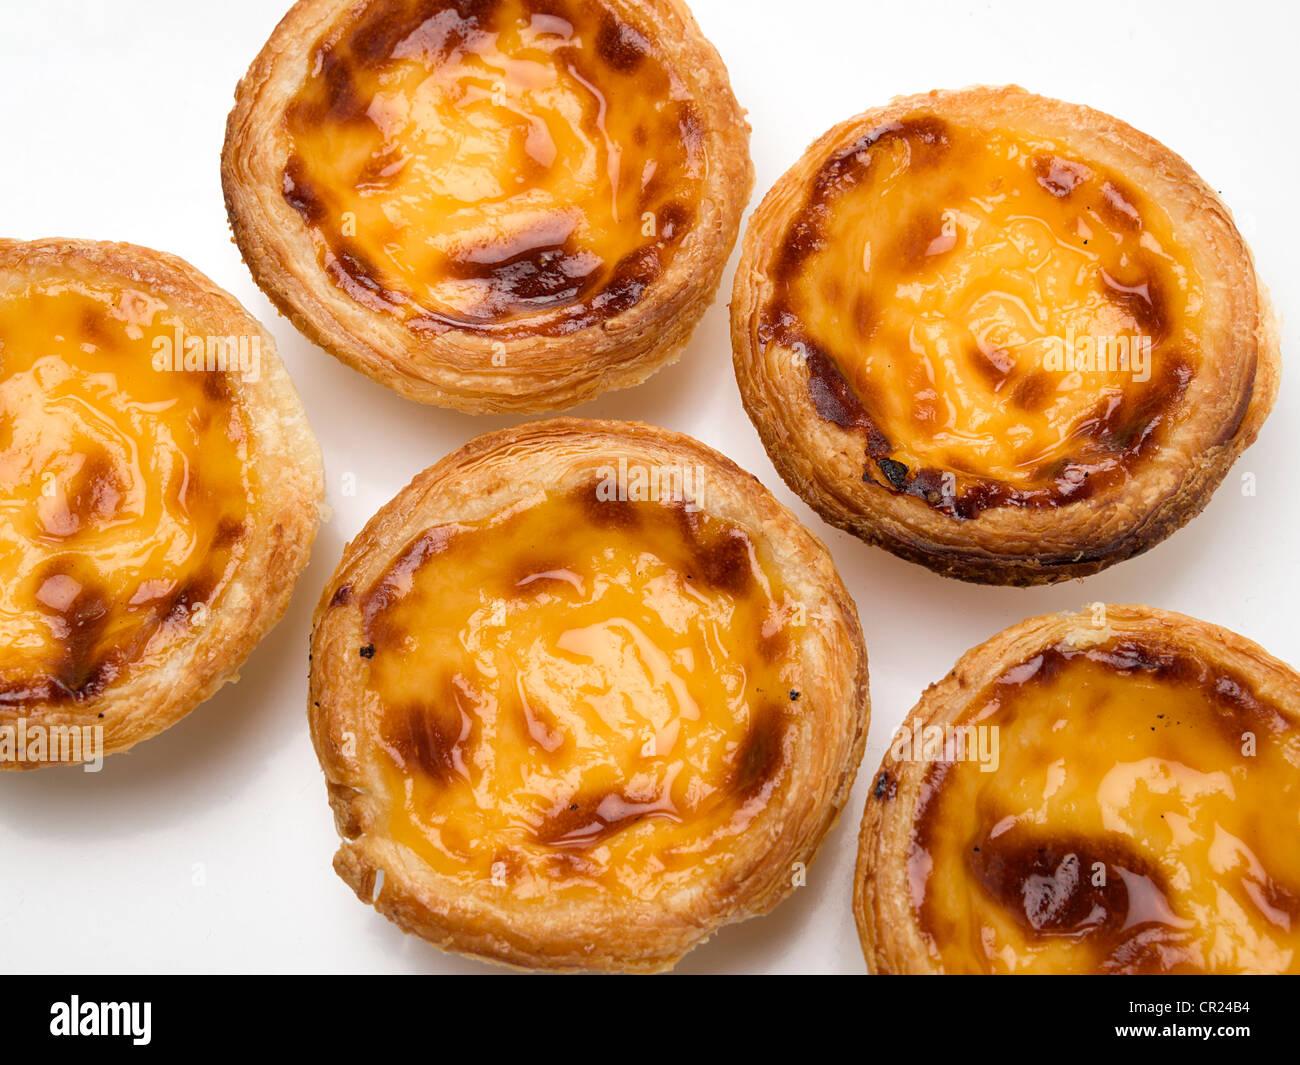 Best Portuguese Food Recipes